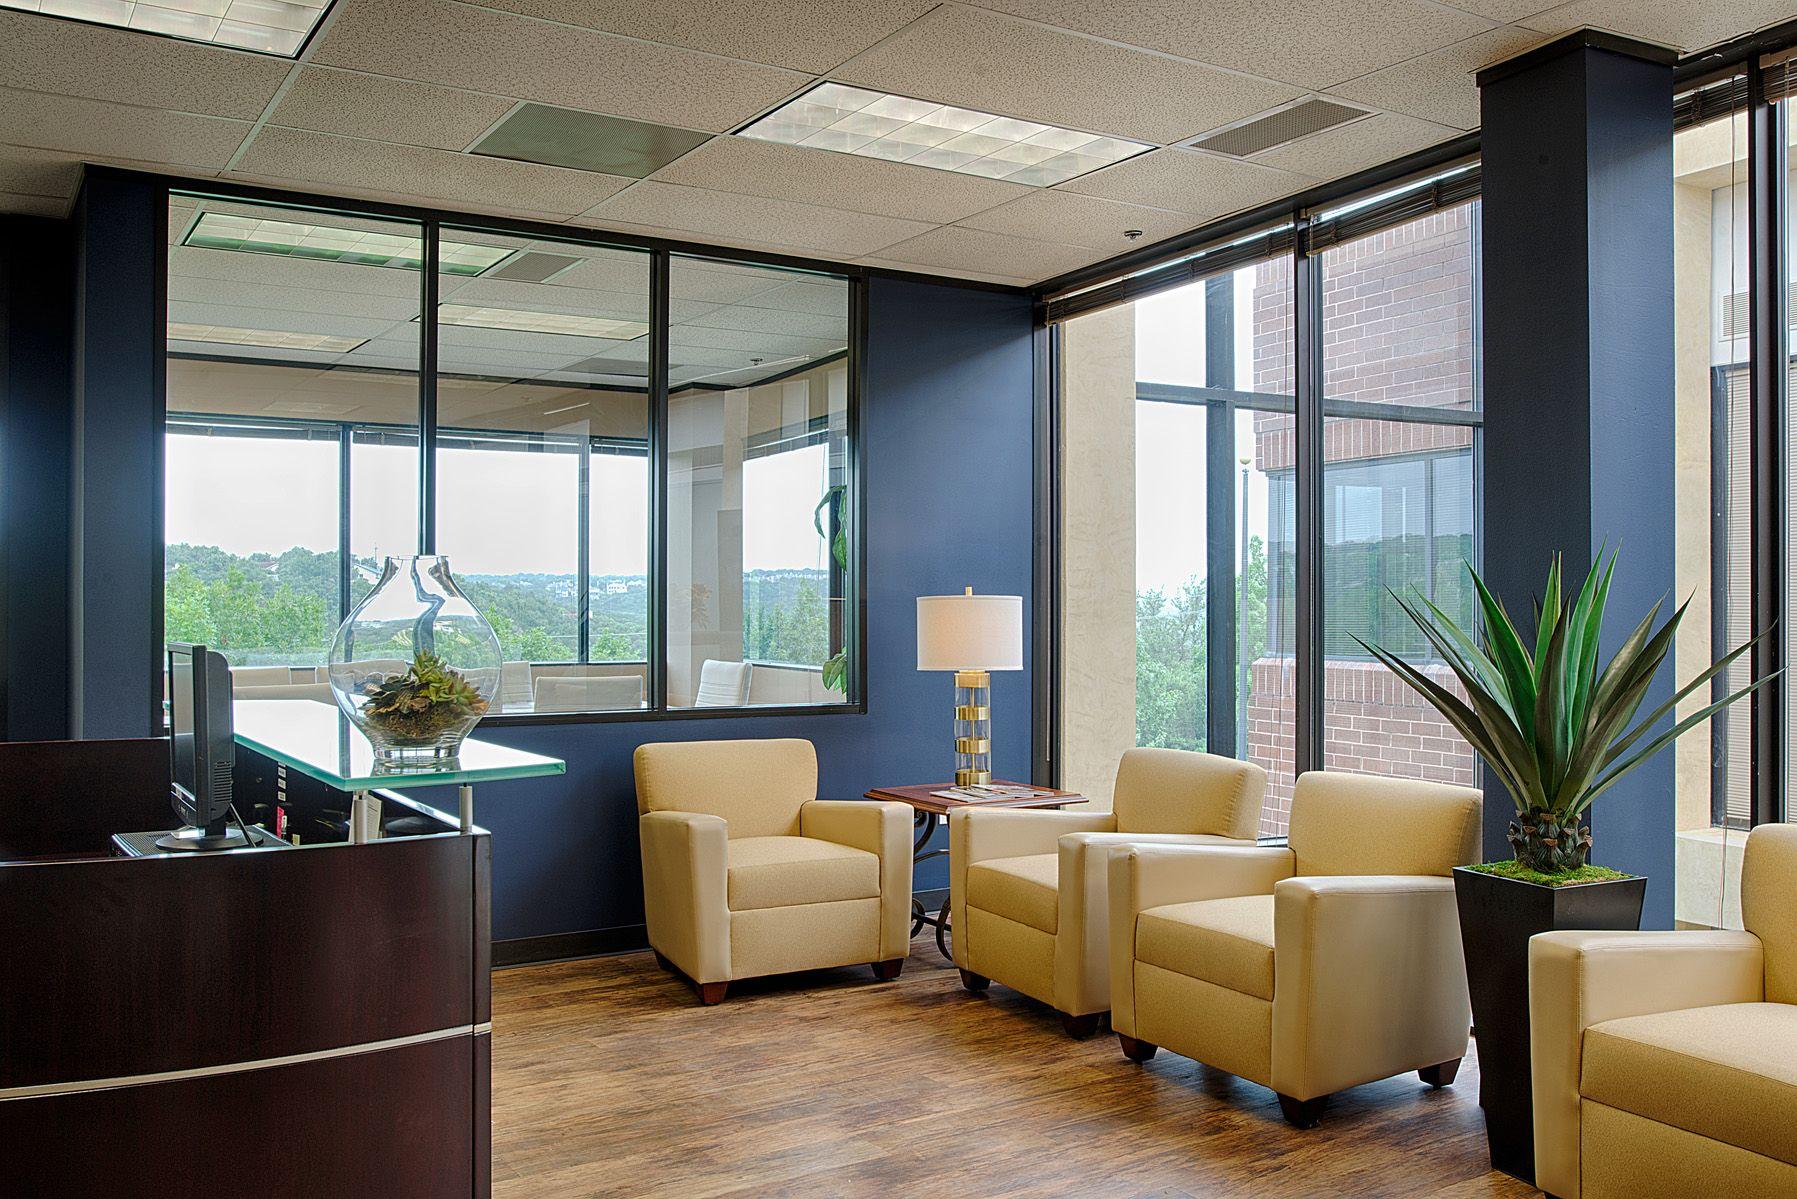 Картинки интерьеров офисов